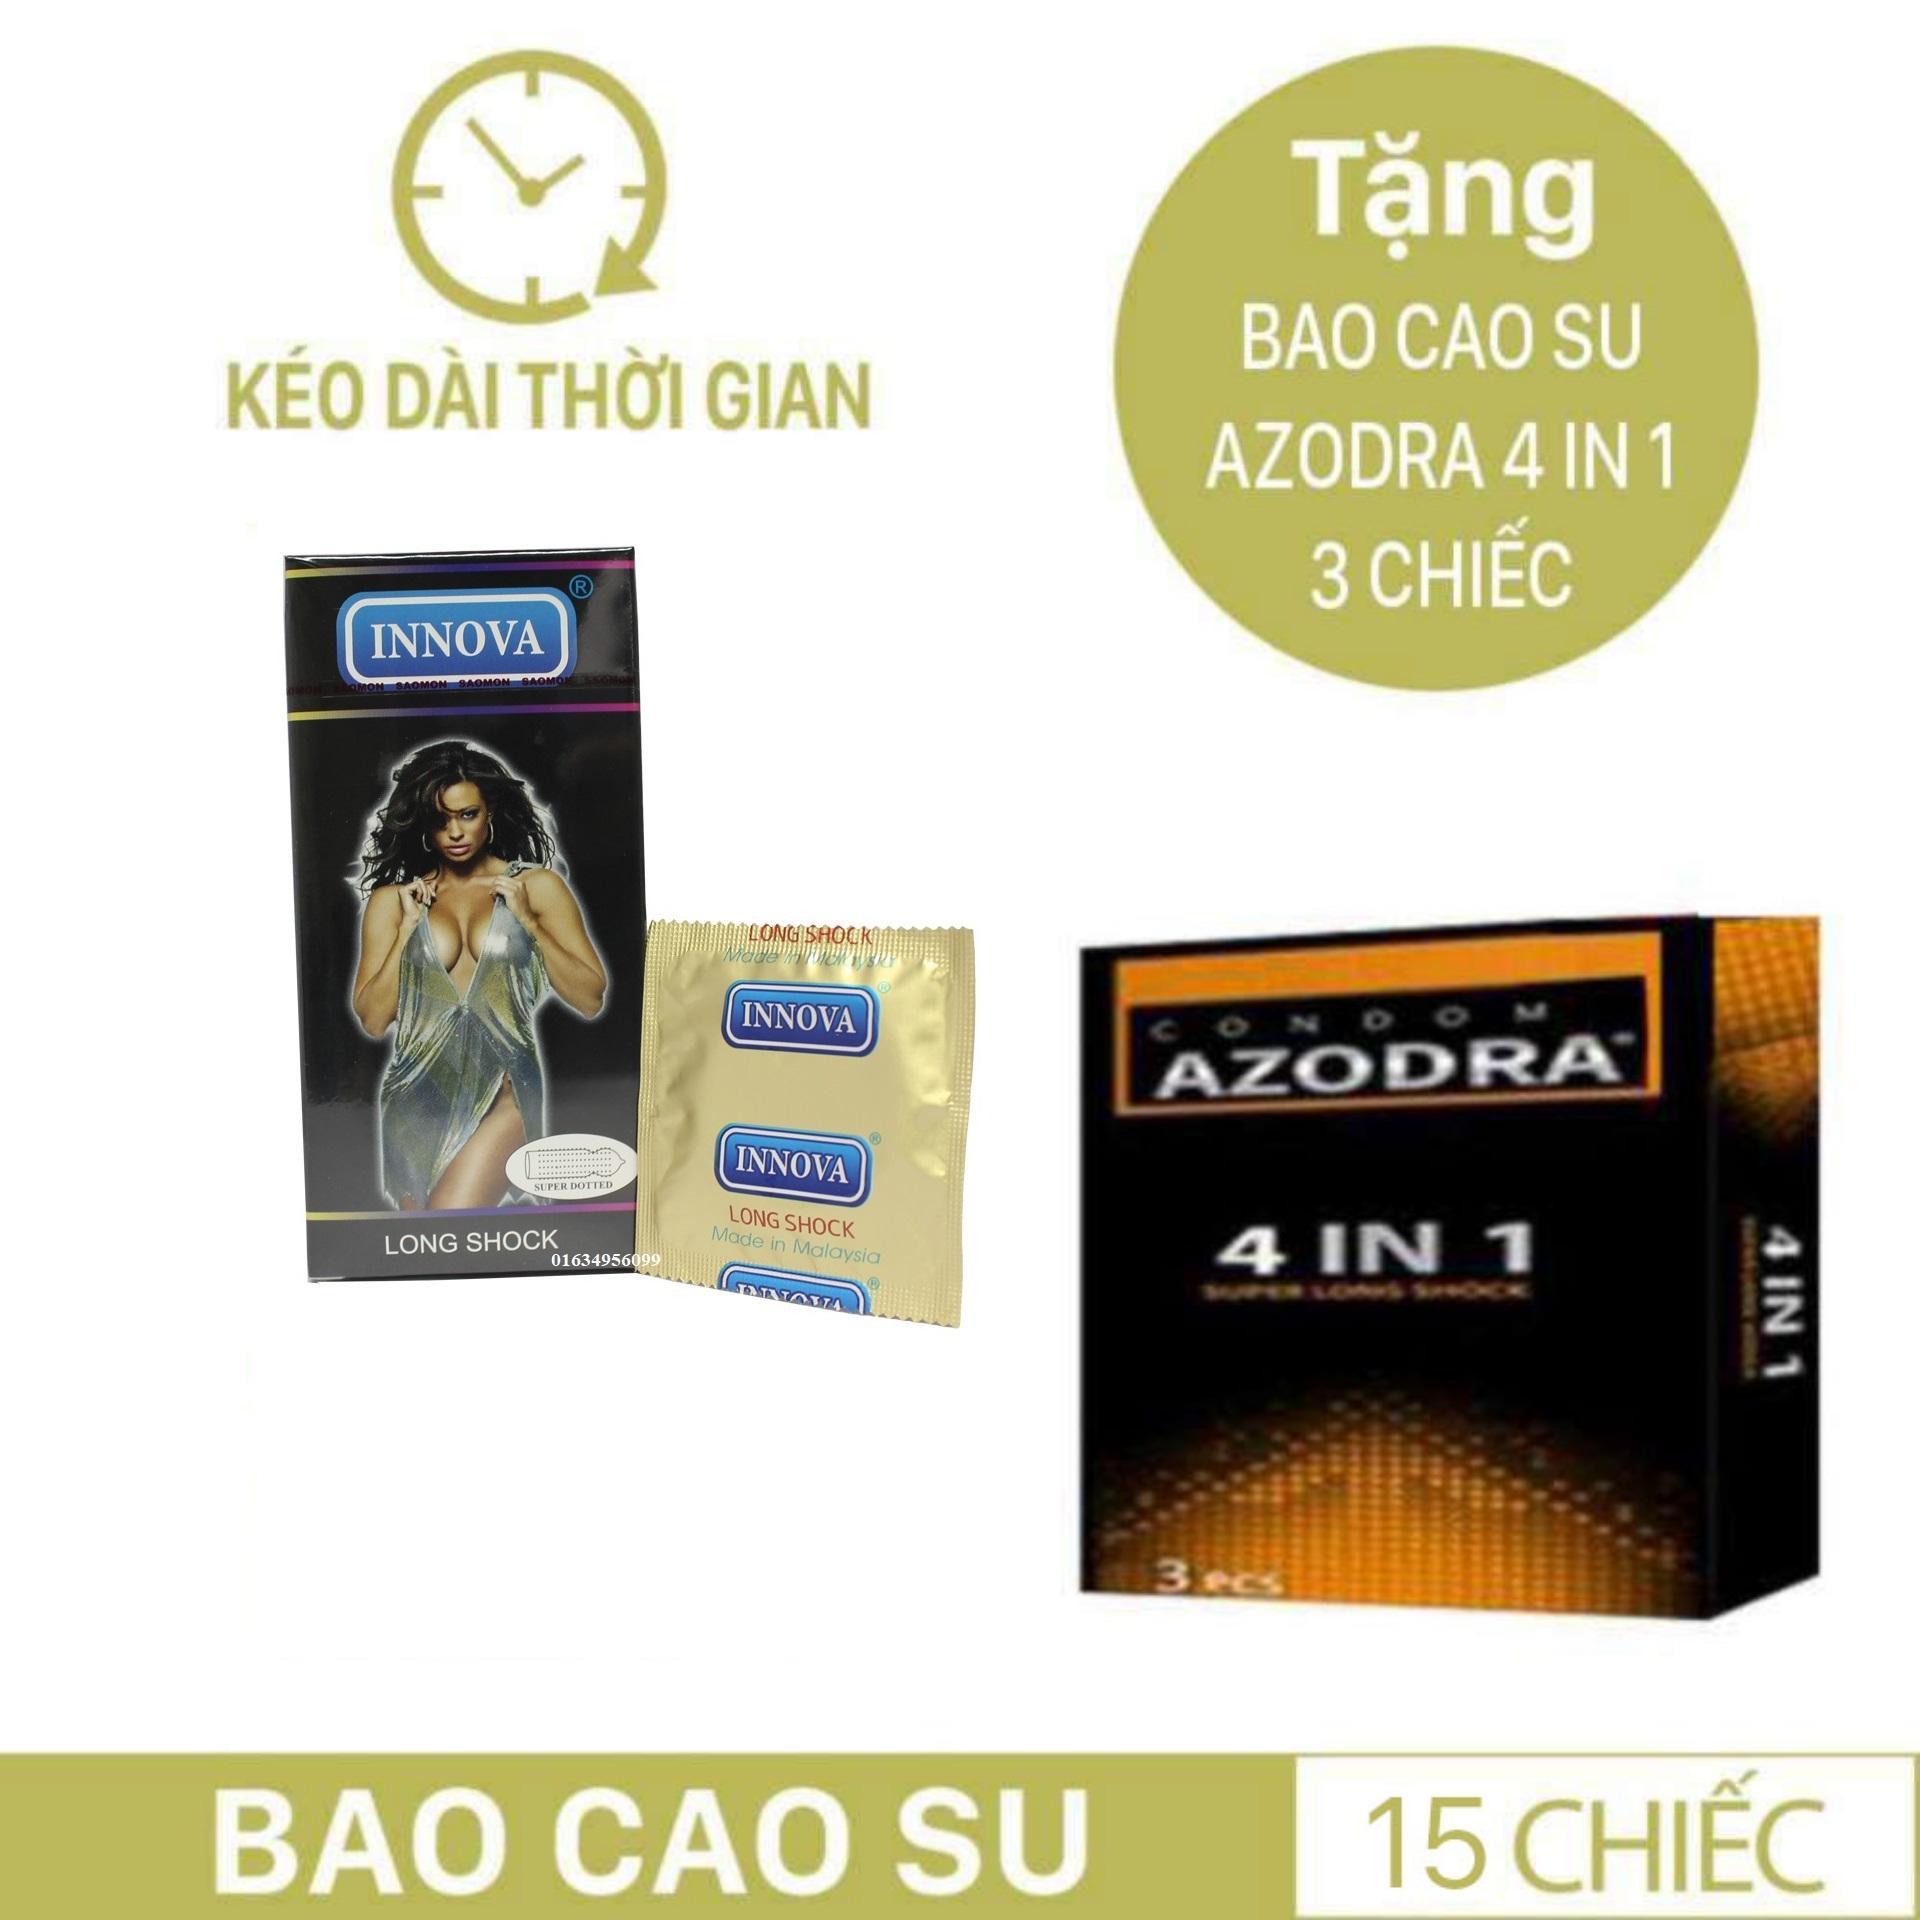 Combo 1 hộp Bao cao su siêu gân gai kéo dài thời gian INNOVA tặng 1 hộp BCS AZODRA nhập khẩu